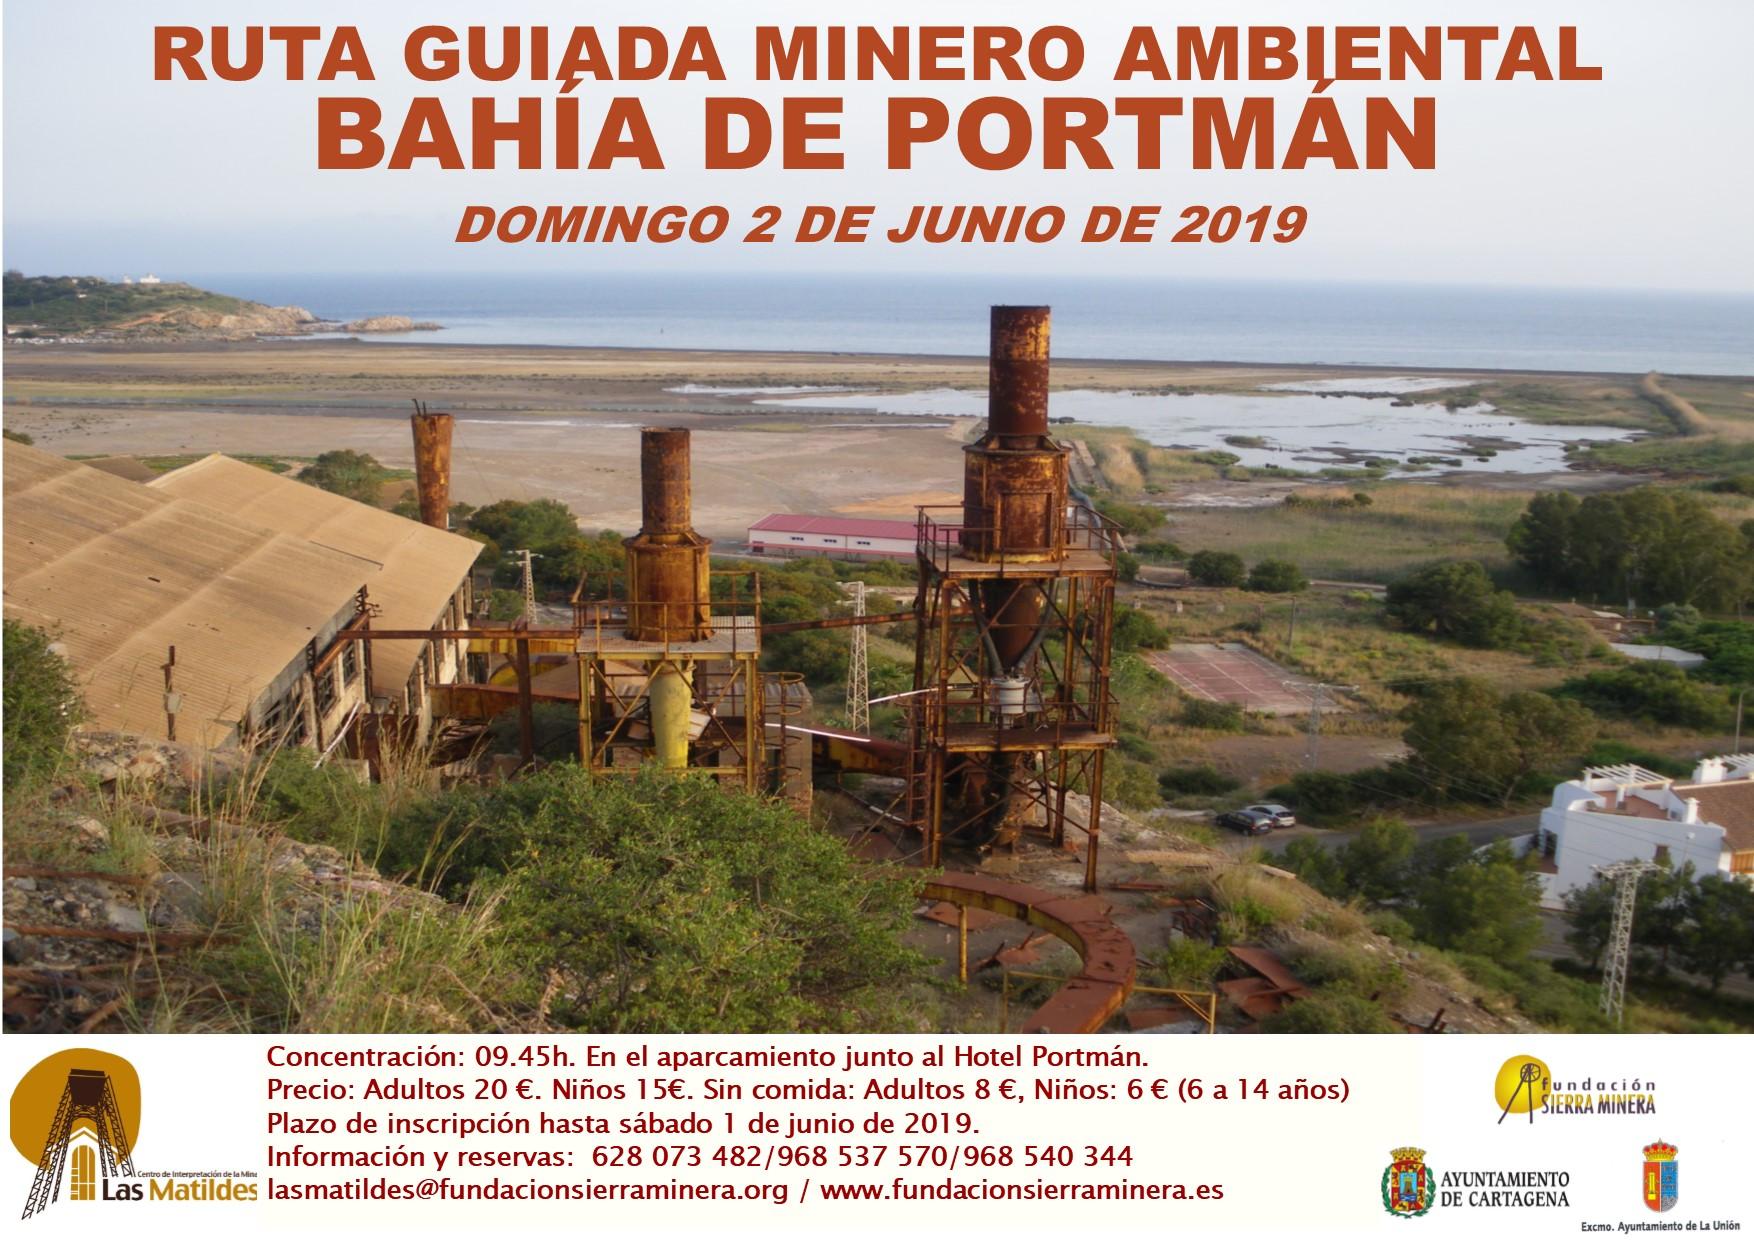 Ruta Minero-Ambiental Bahía de Portmán